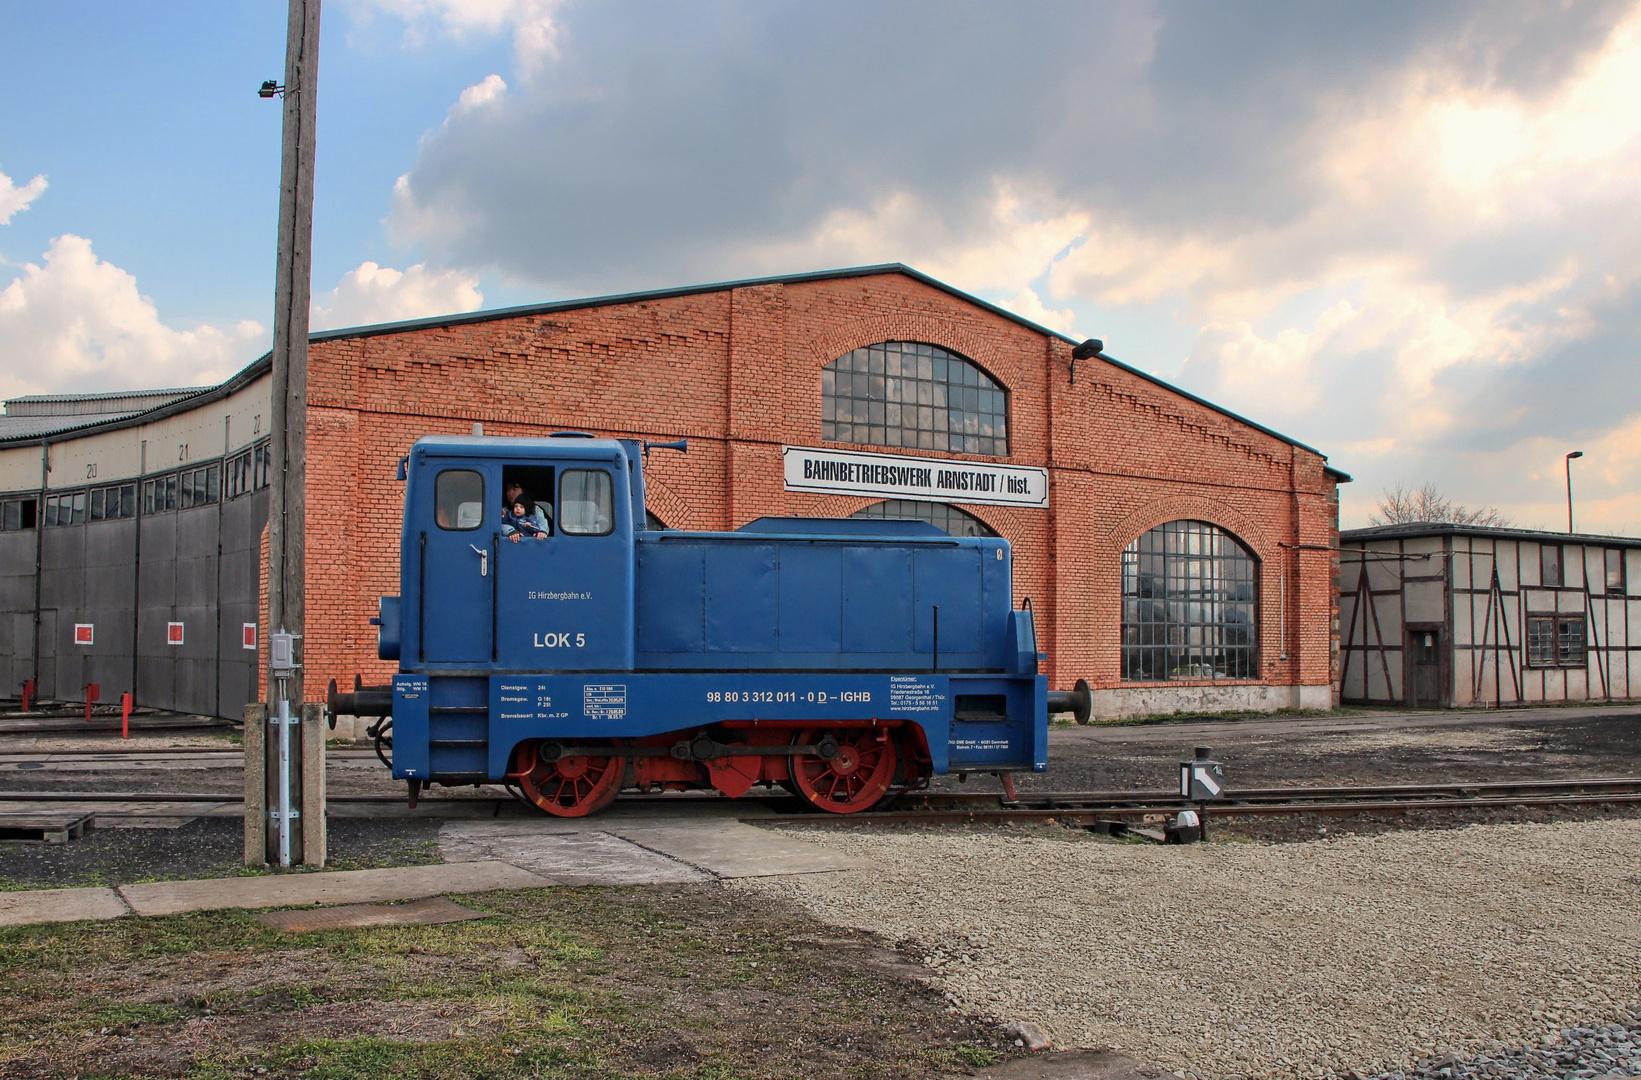 Bw Arnstadt hist. (4)